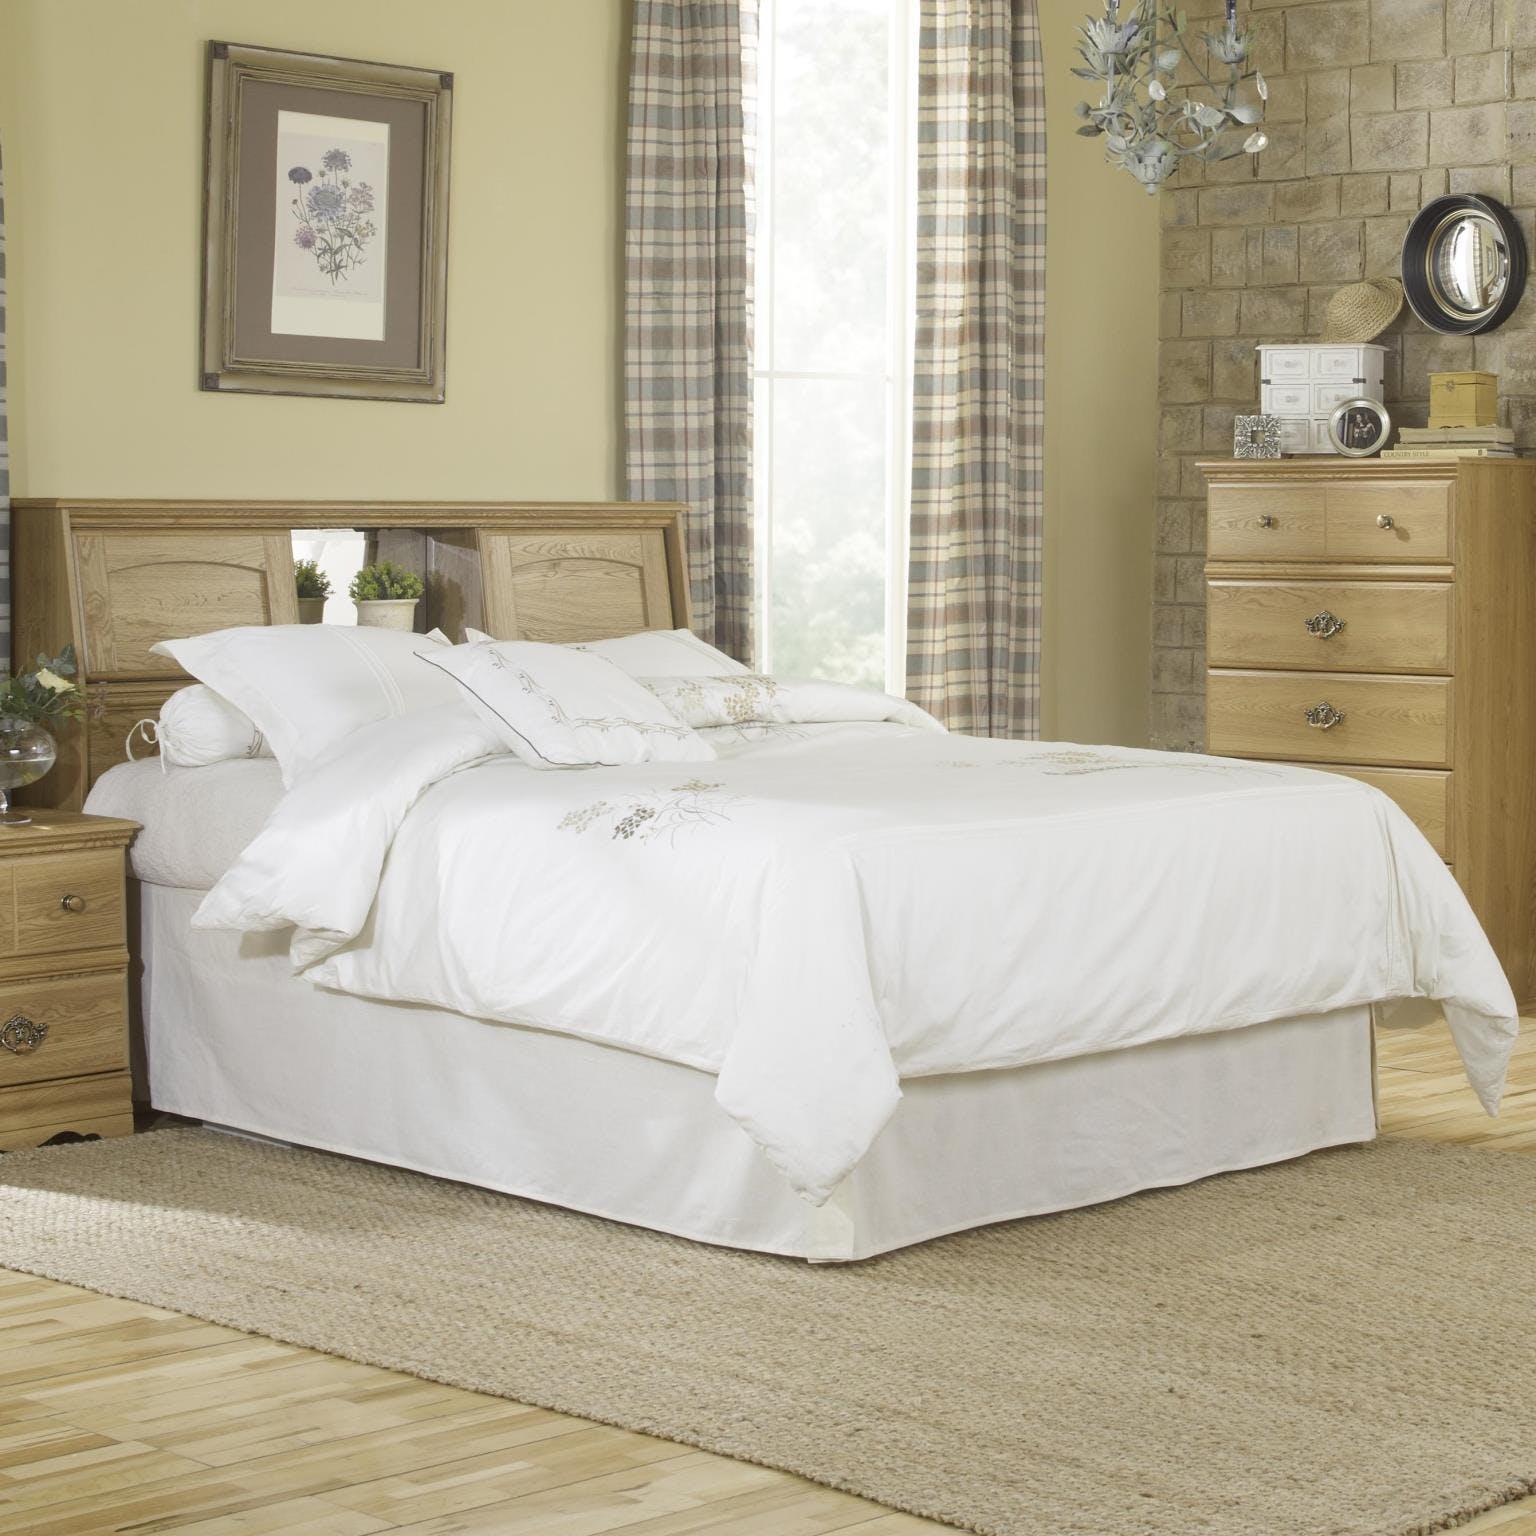 Lang Furniture Bedroom Bookcase Headboard Full Queen W